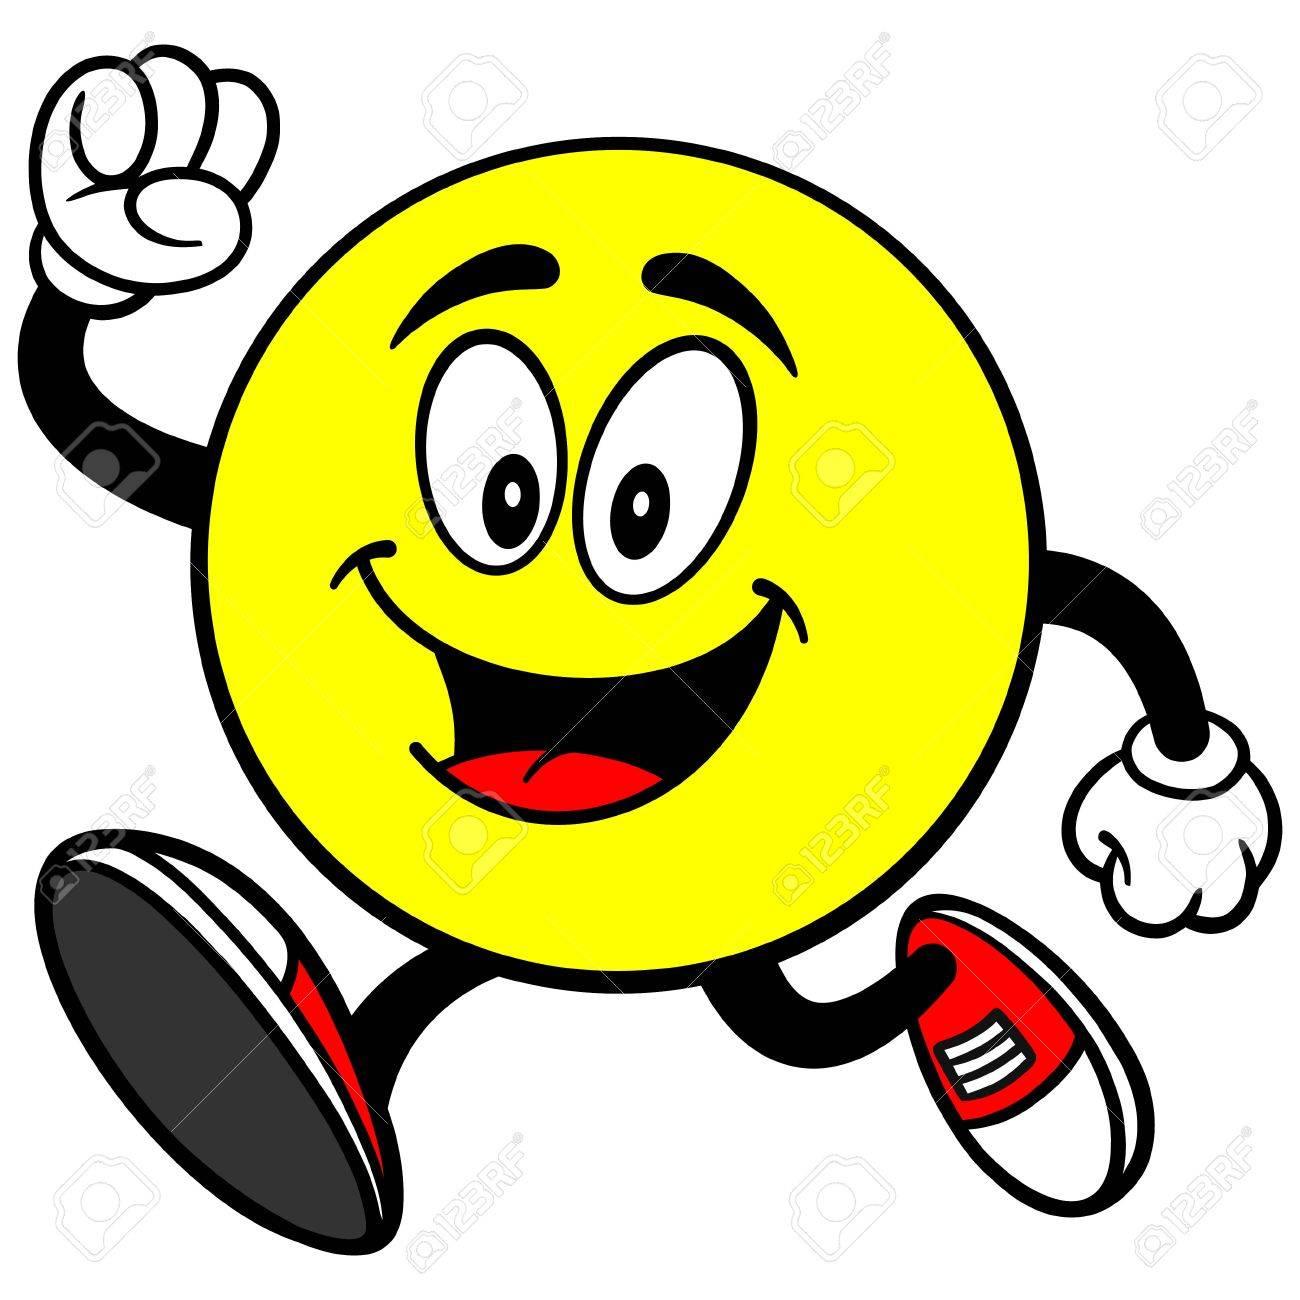 Emoticon Running - 57449619